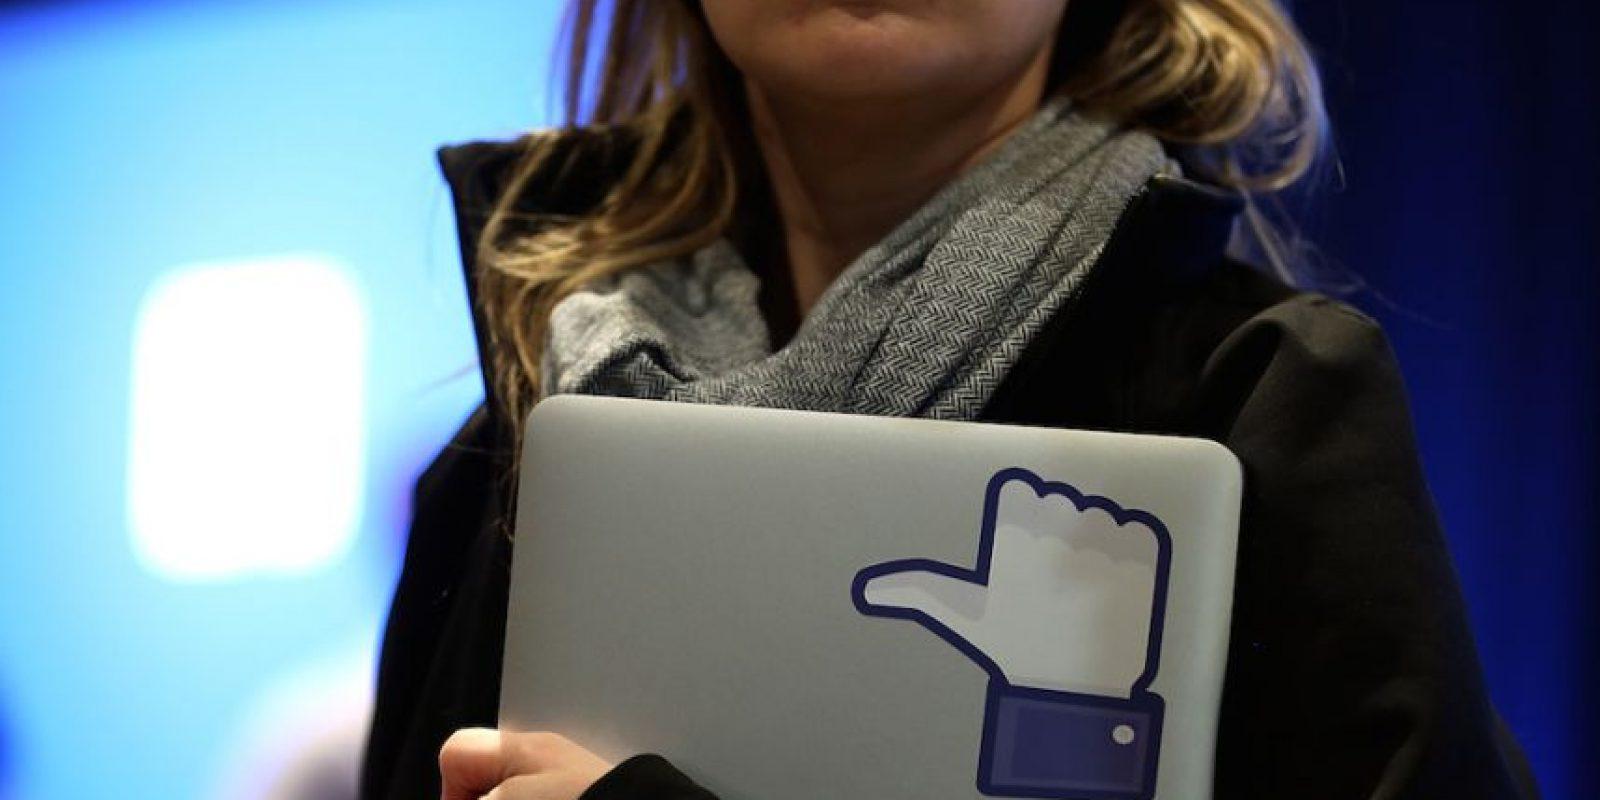 Tener amigos cariñosos en la red social pueden ser peligrosos si su pareja es celosa o no confía en ustedes. Foto:Getty Images